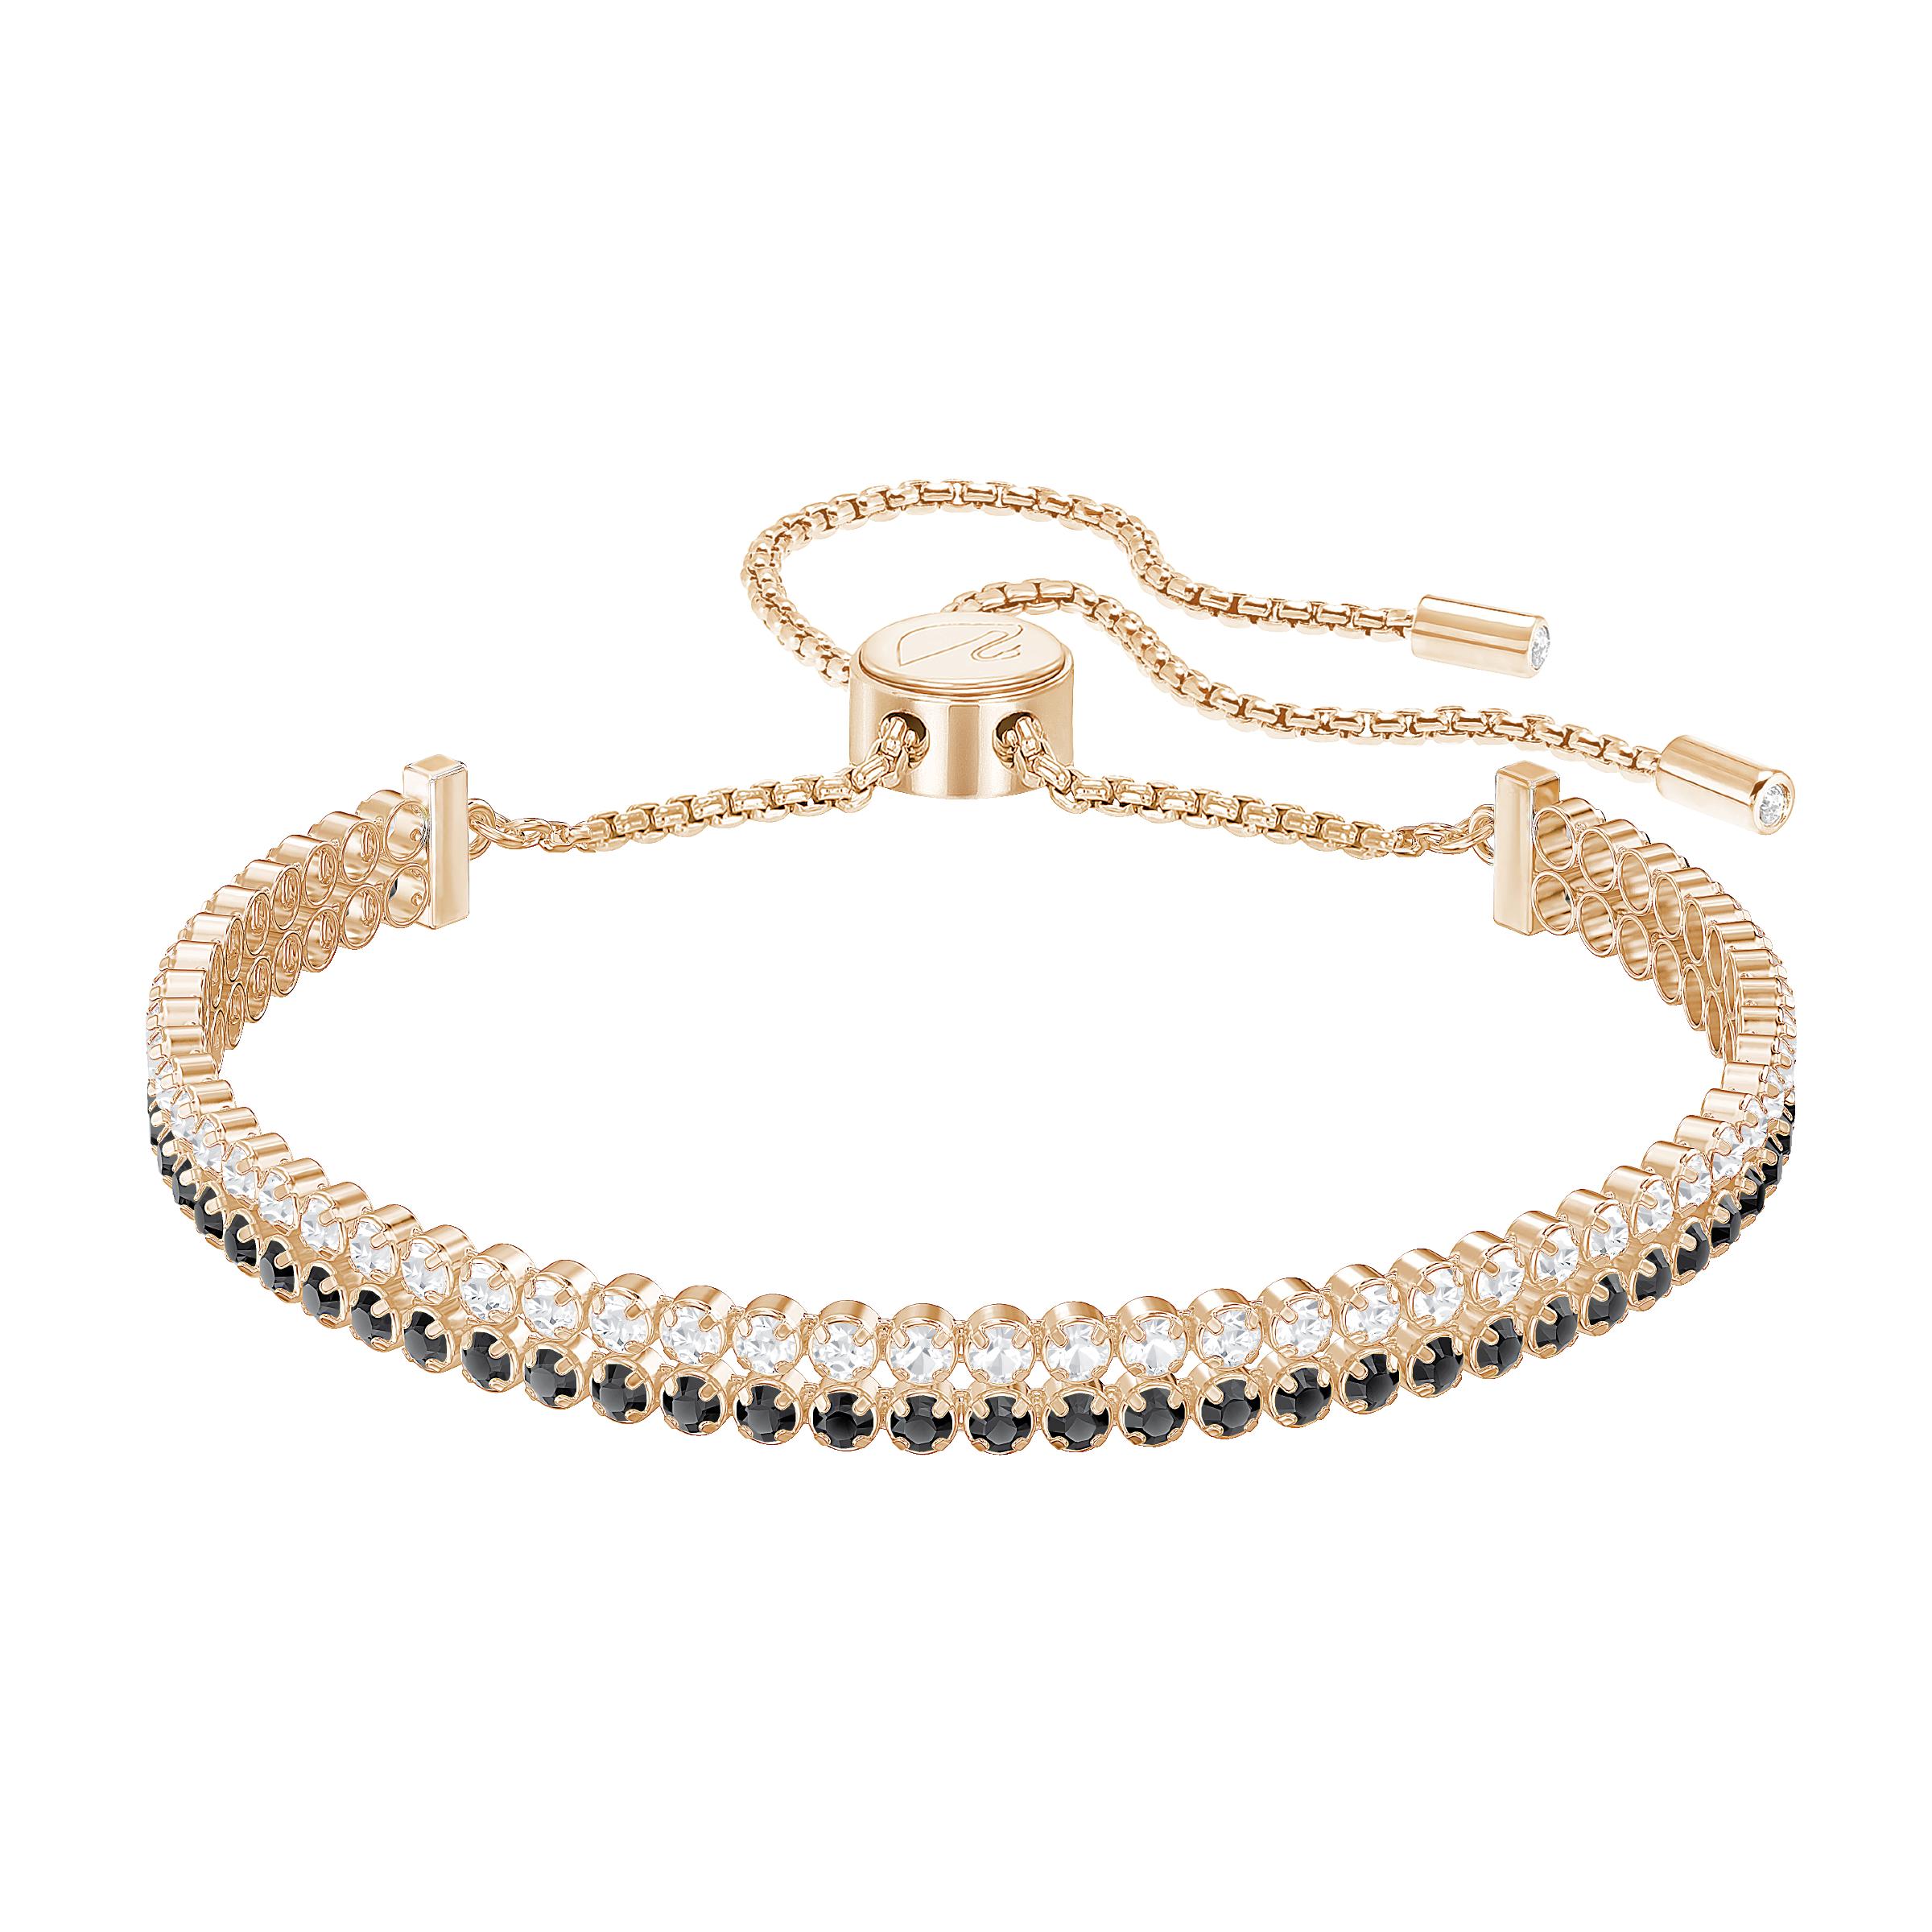 Subtle Double Bracelet, Black, Rose Gold Plated